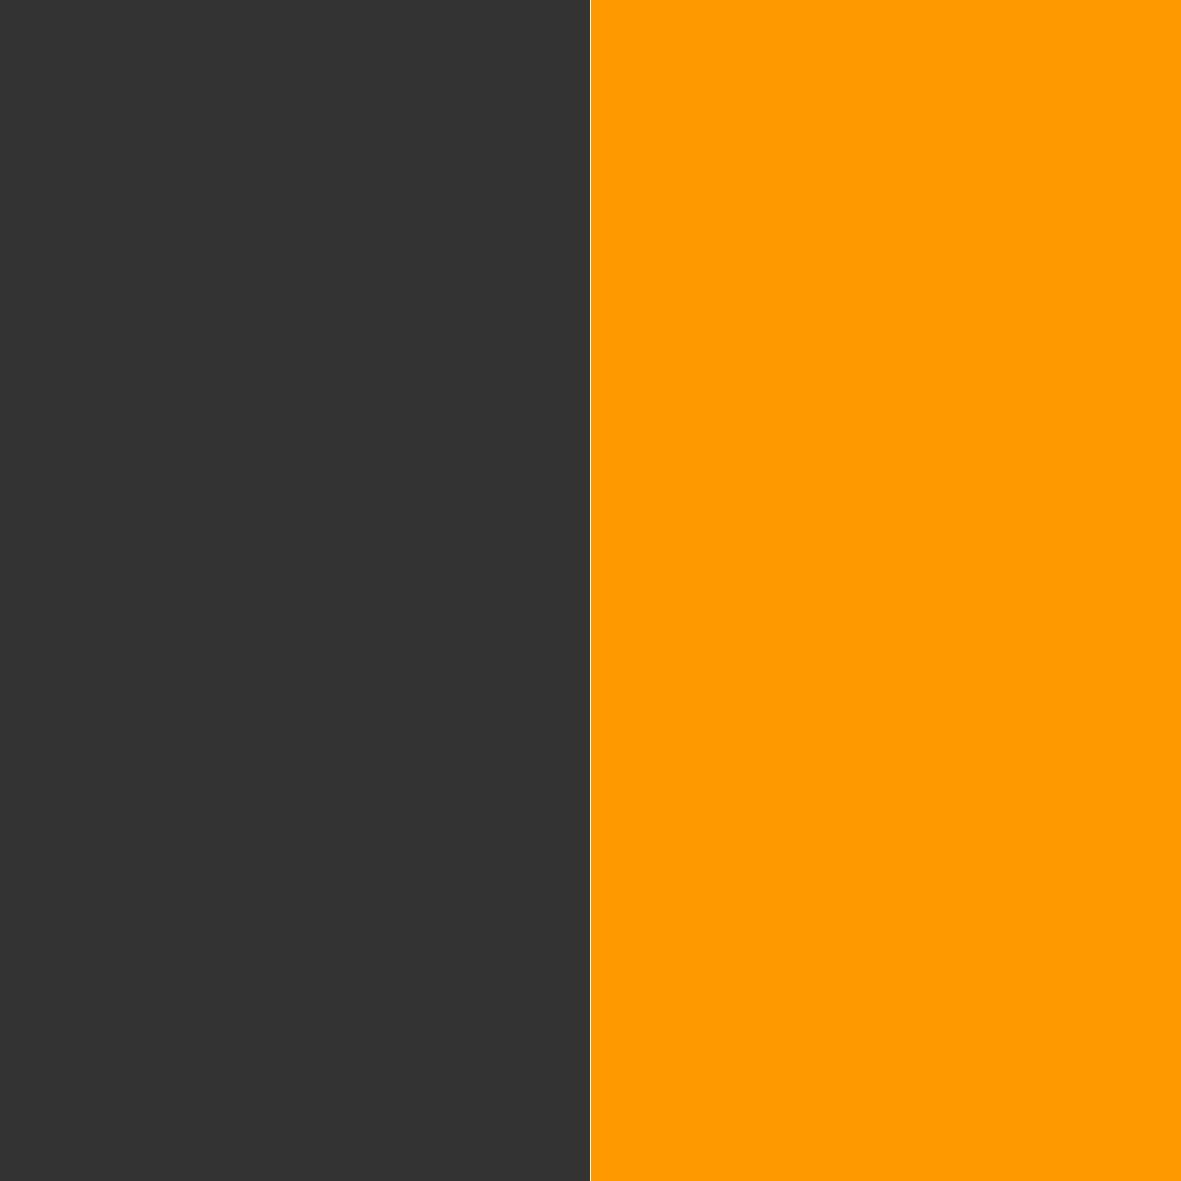 графит/оранжевый_333333/FF9900